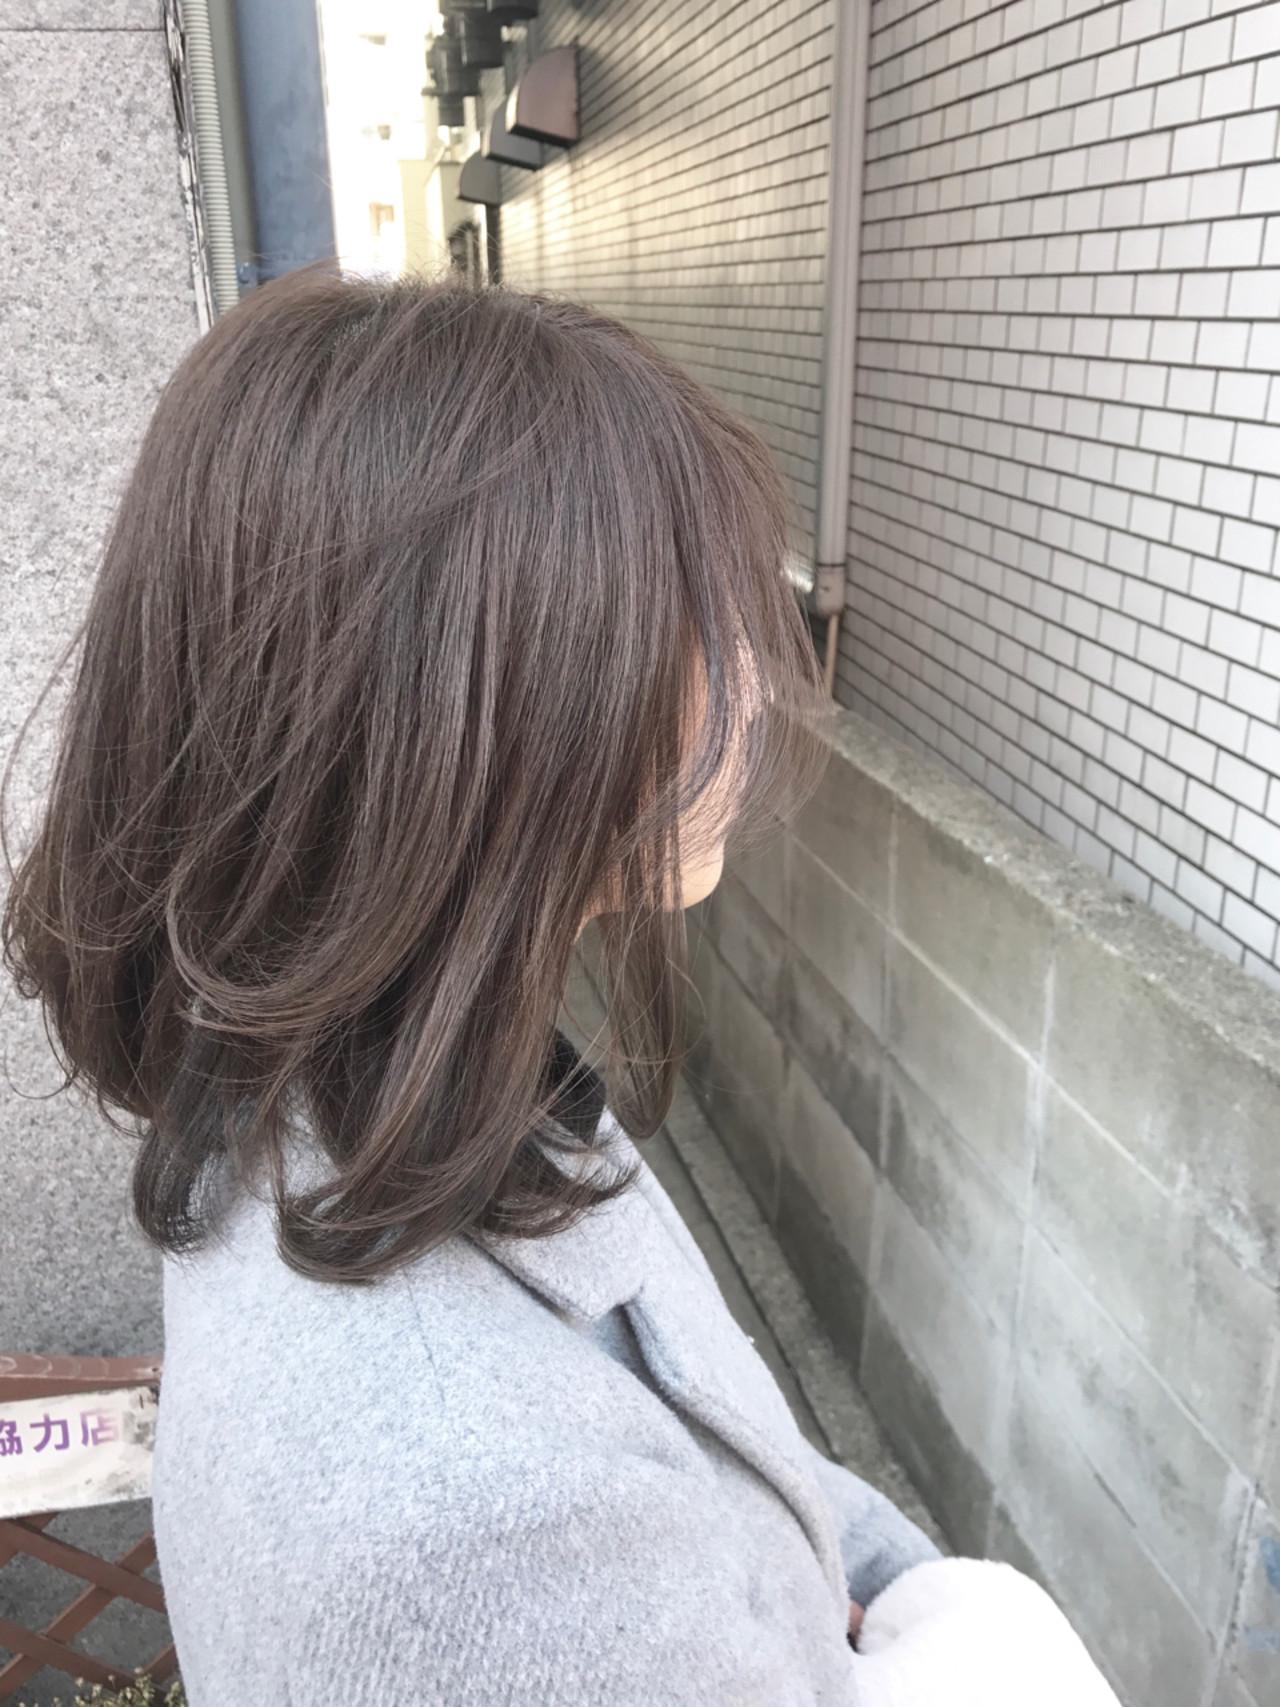 オフィスでも大活躍♪ミディアム×アッシュヘアカラー ogawayuki